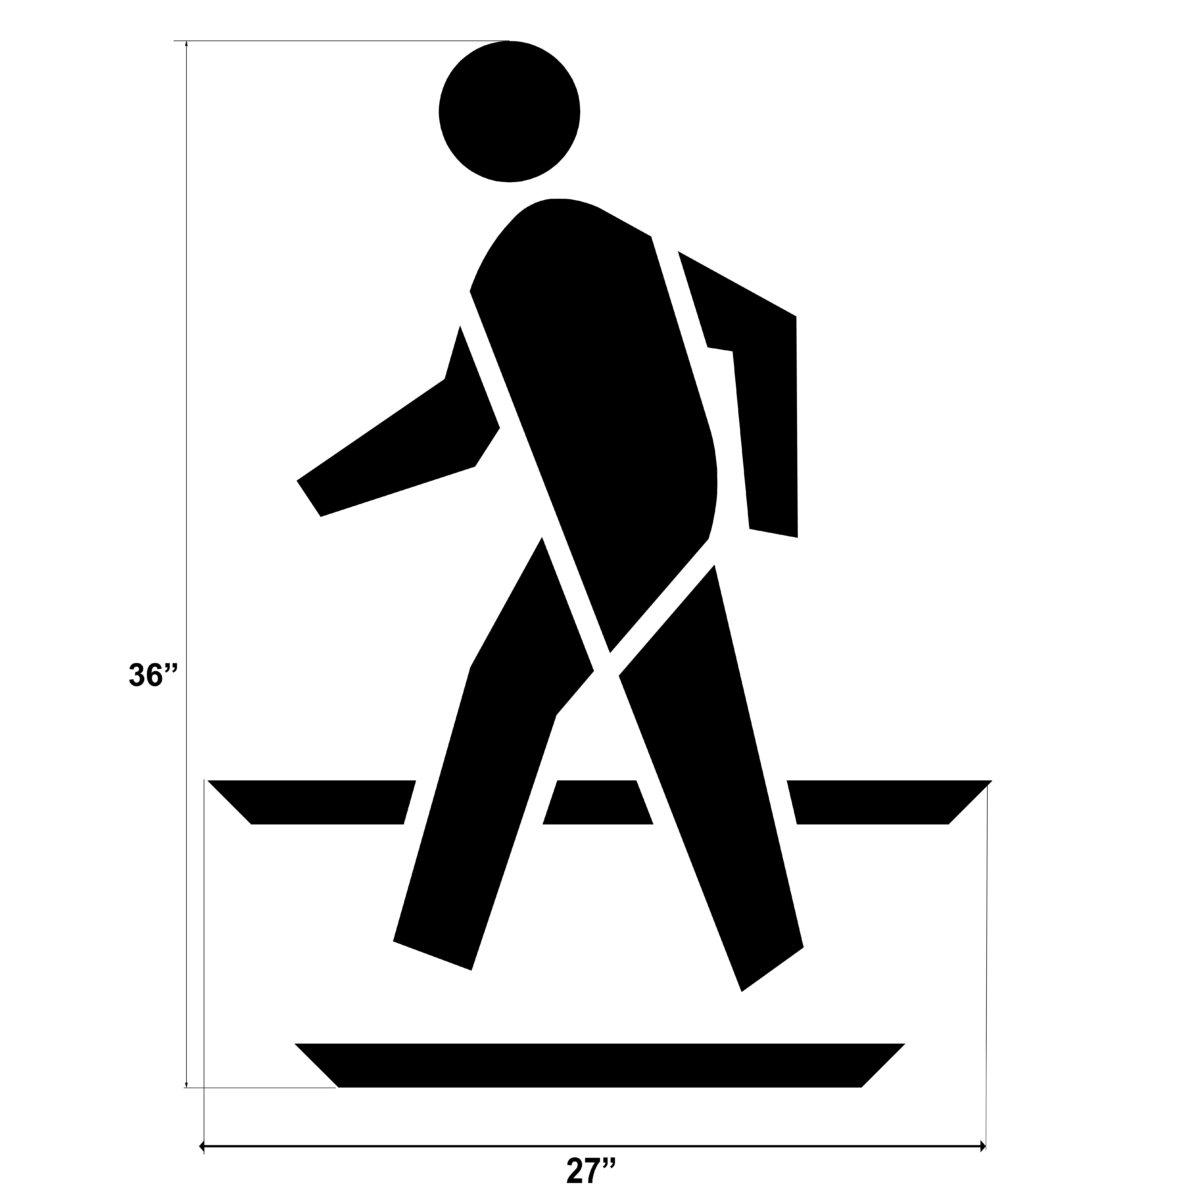 36 inch federal pedestrian symbol